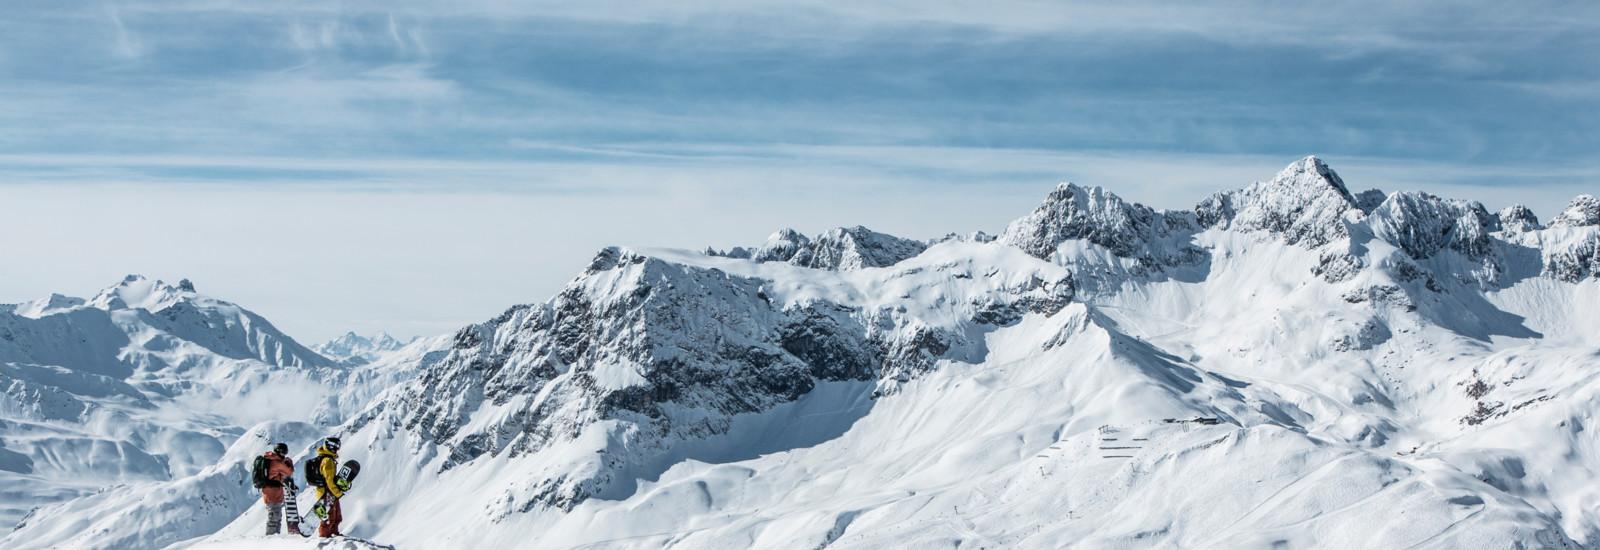 Wind Turbine IN Snow Clipart Kostenlos | Vektor Bilder Download